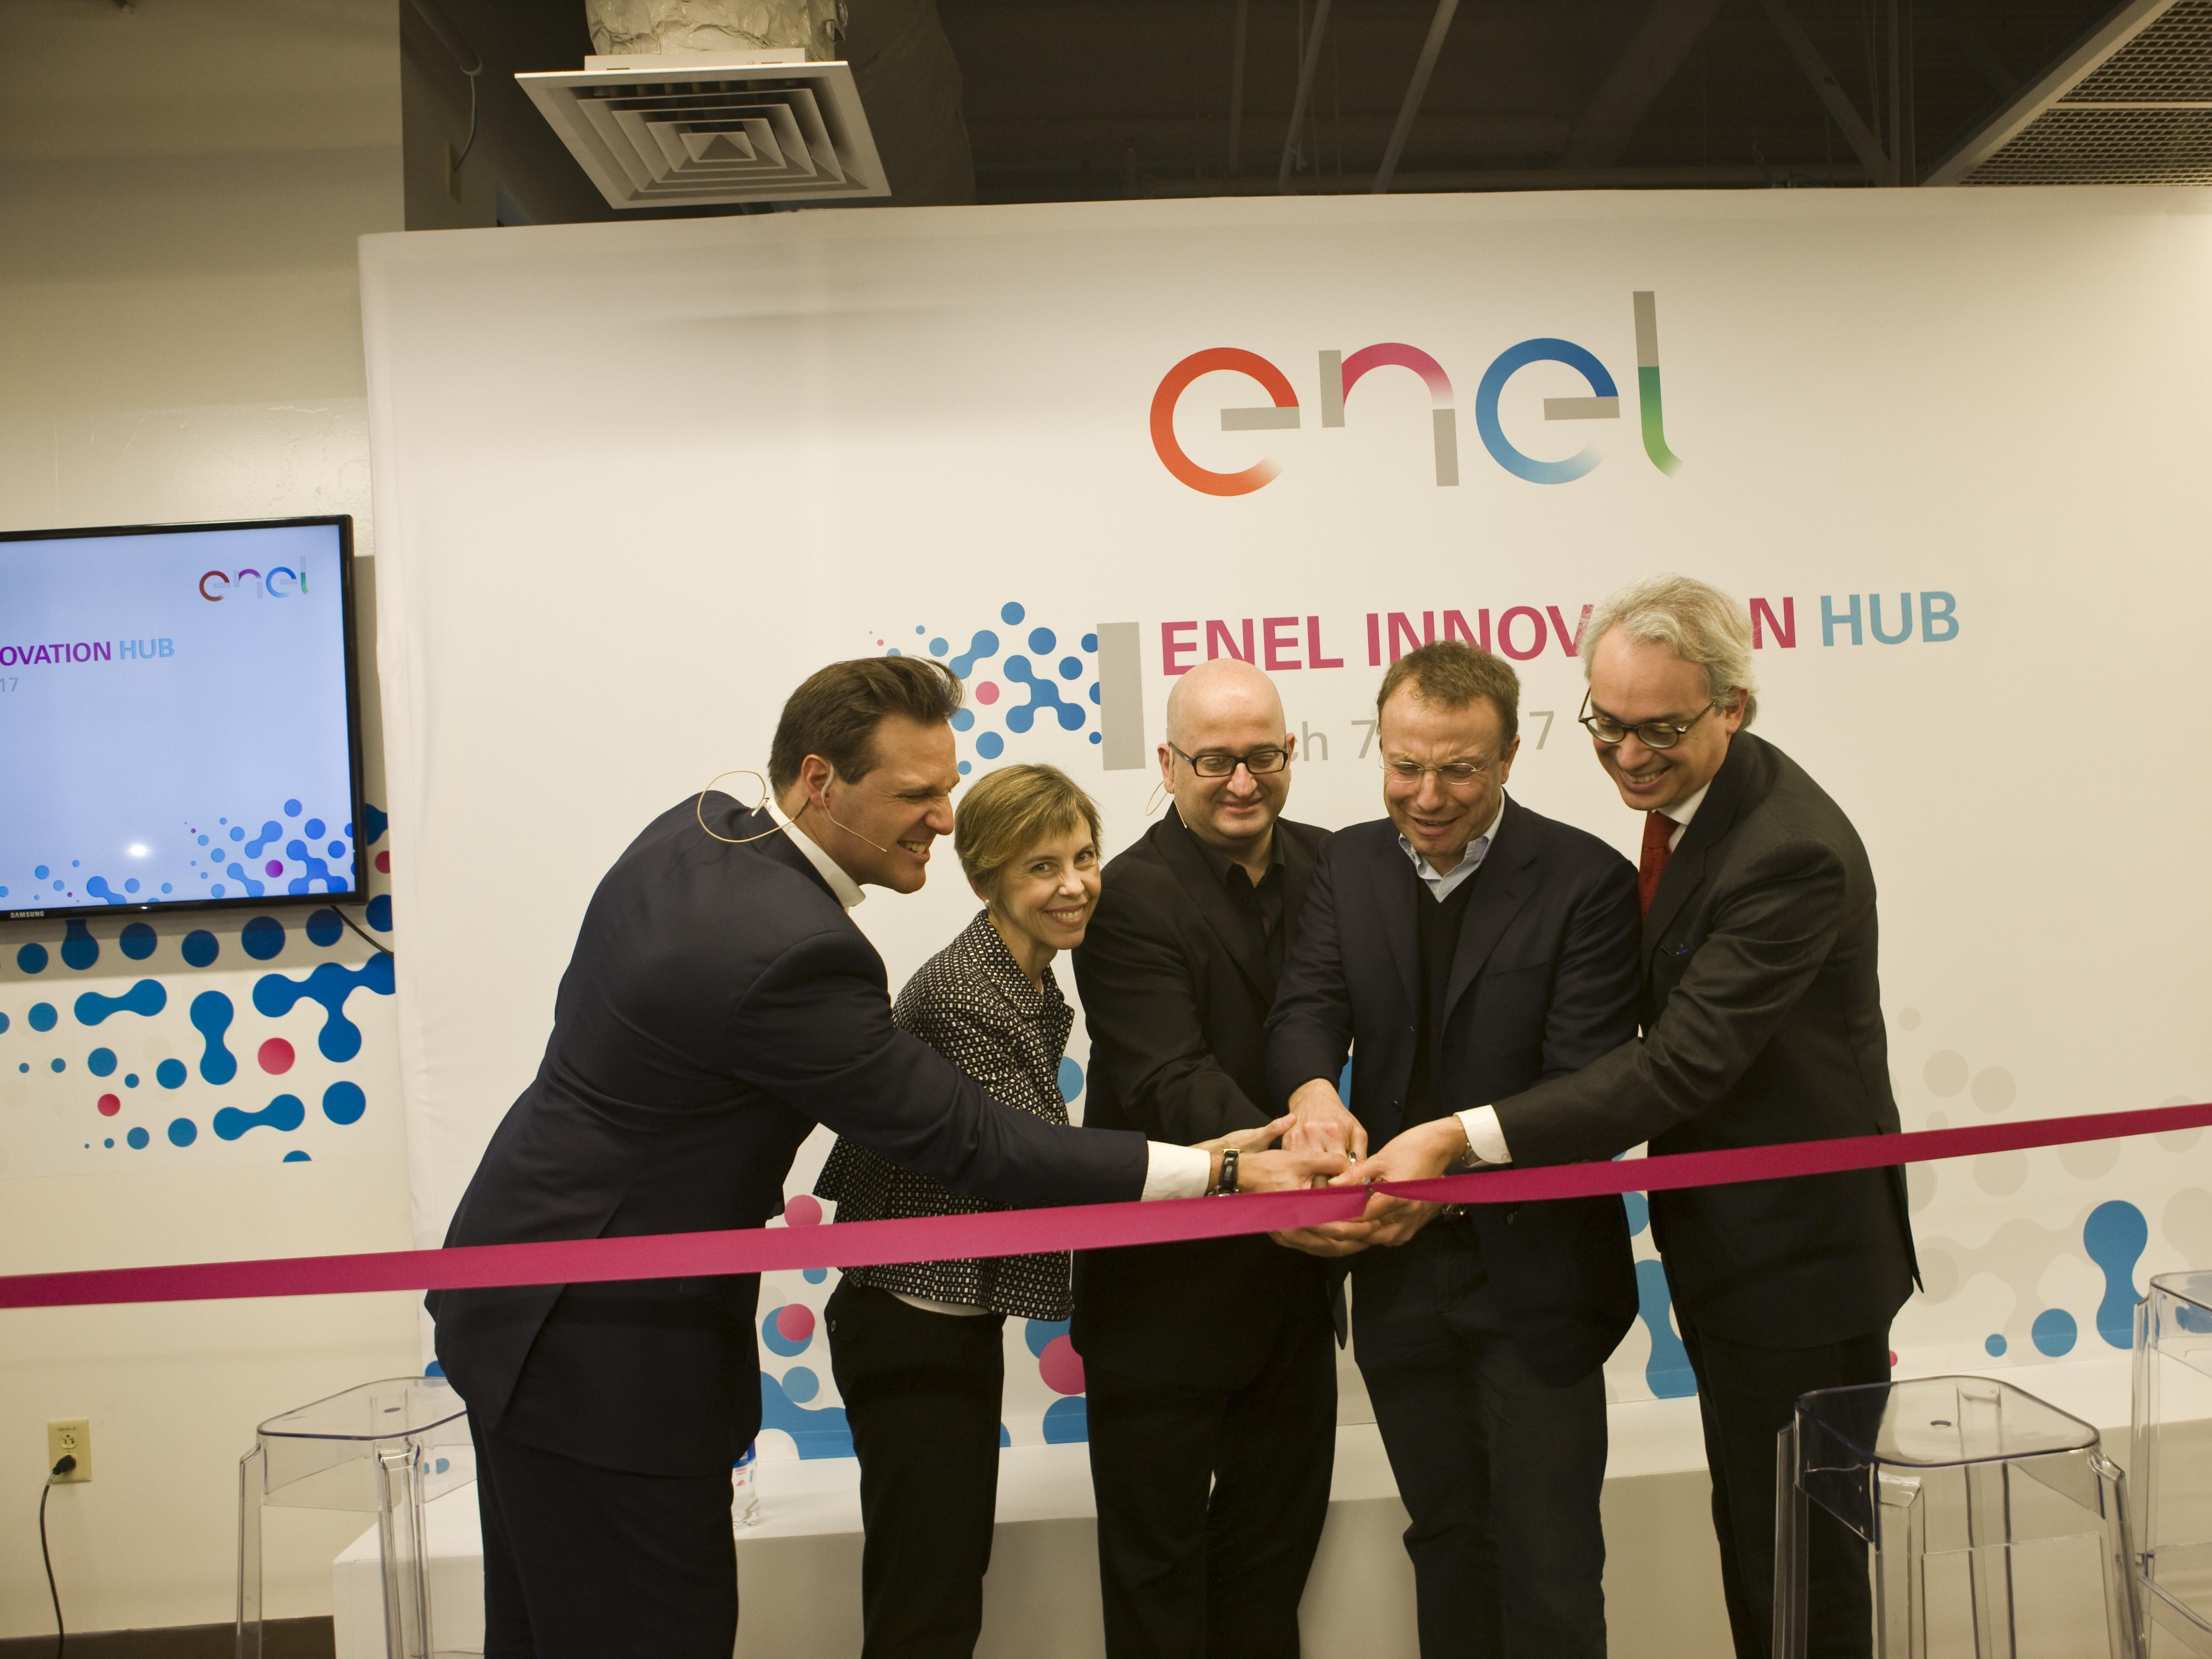 L'inaugurazione dell'Innovation Hub di Enel nel Berkeley Campus